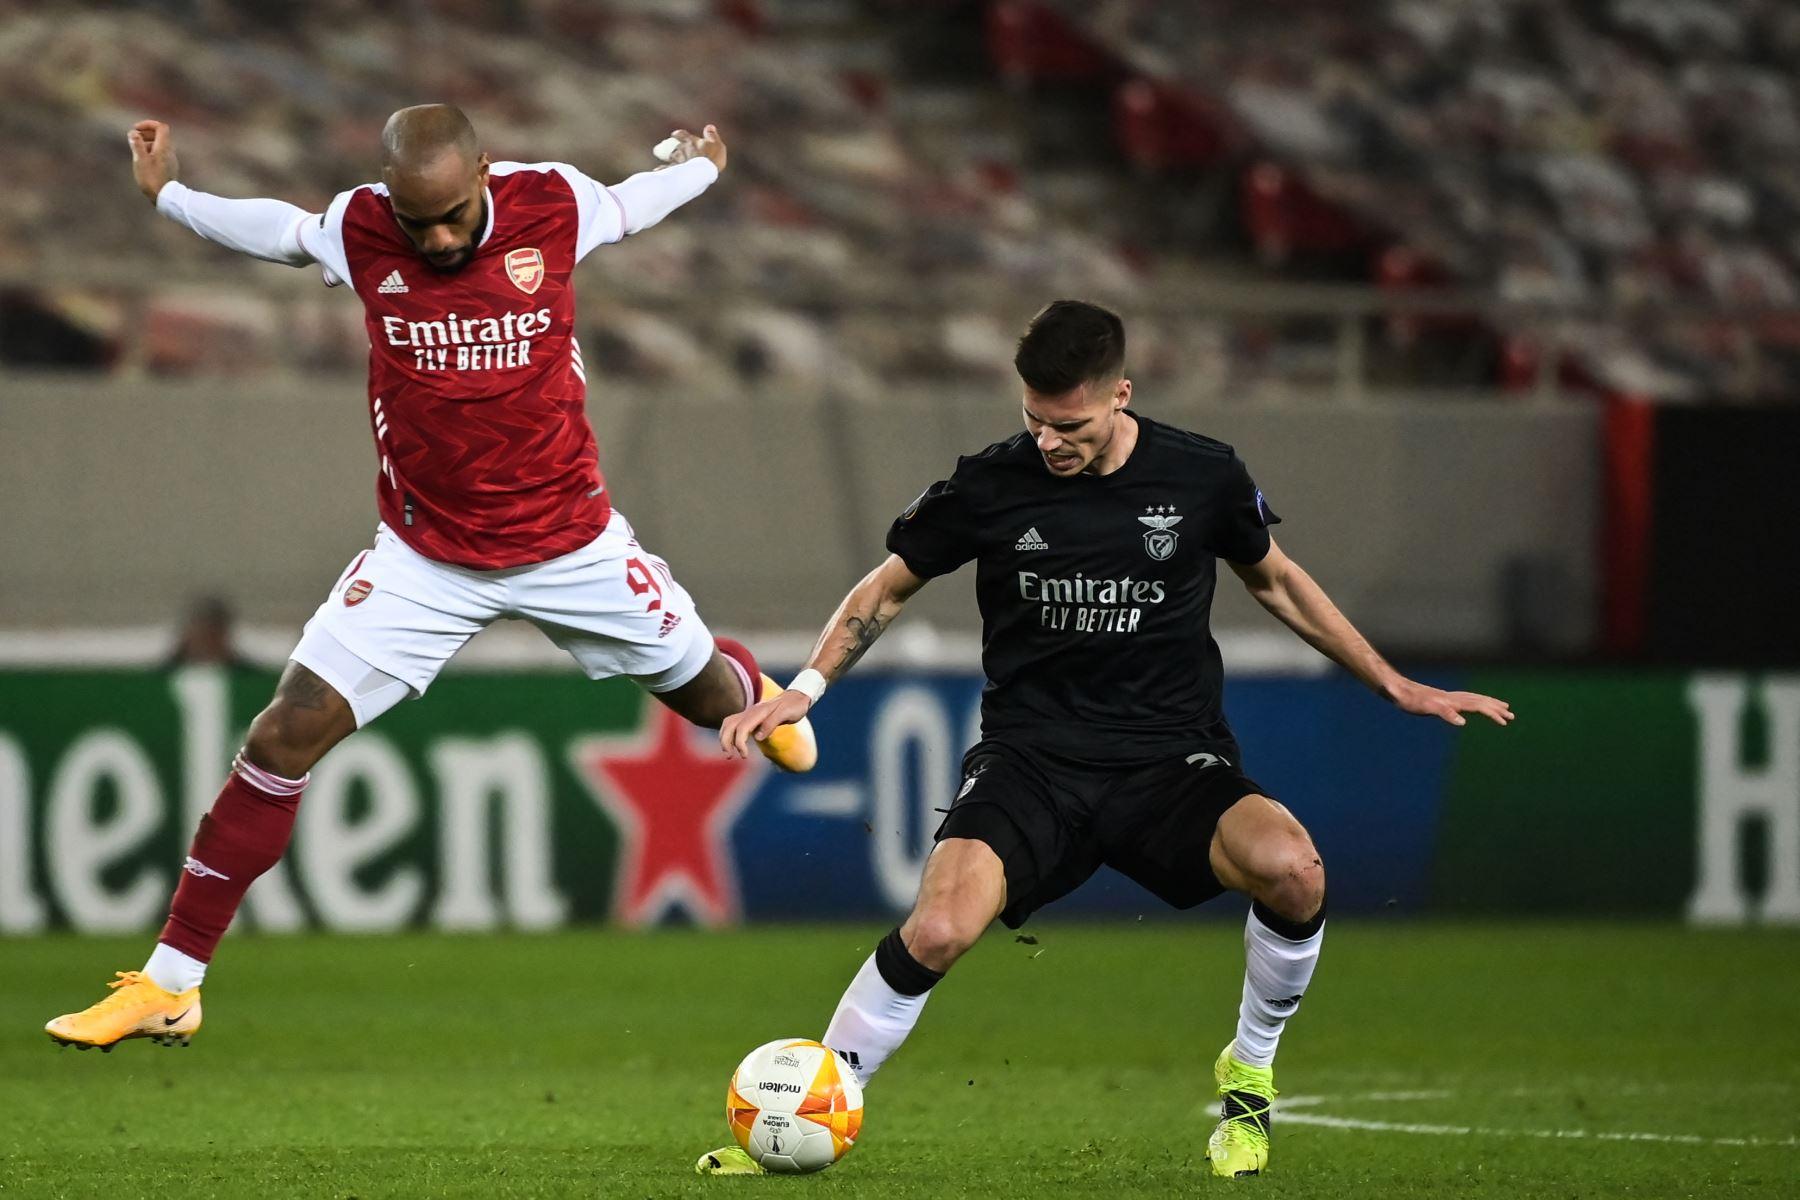 El centrocampista alemán del Benfica, Julian Weigl, lucha por el balón con el delantero francés del Arsenal, Alexandre Lacazette, durante el segundo partido de la UEFA Europa League. Foto: AFP